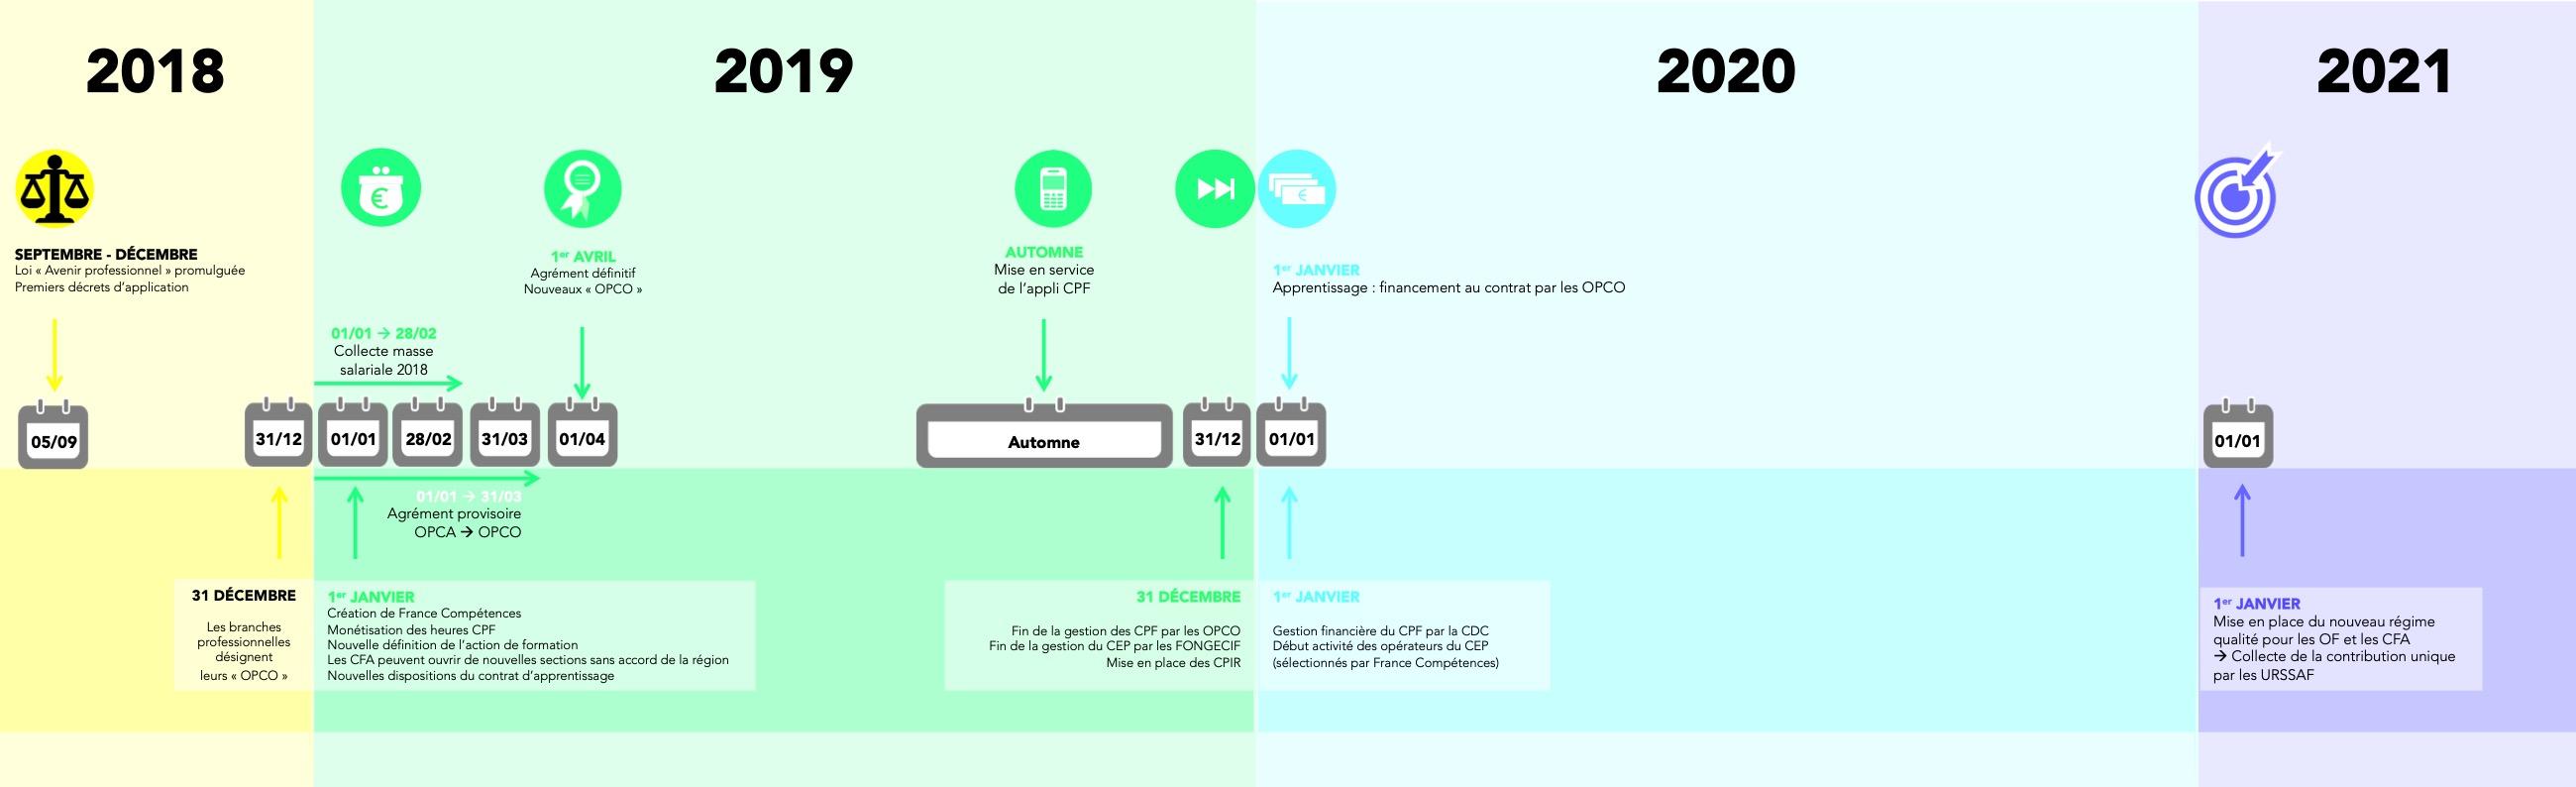 réforme-formation-2018-2021